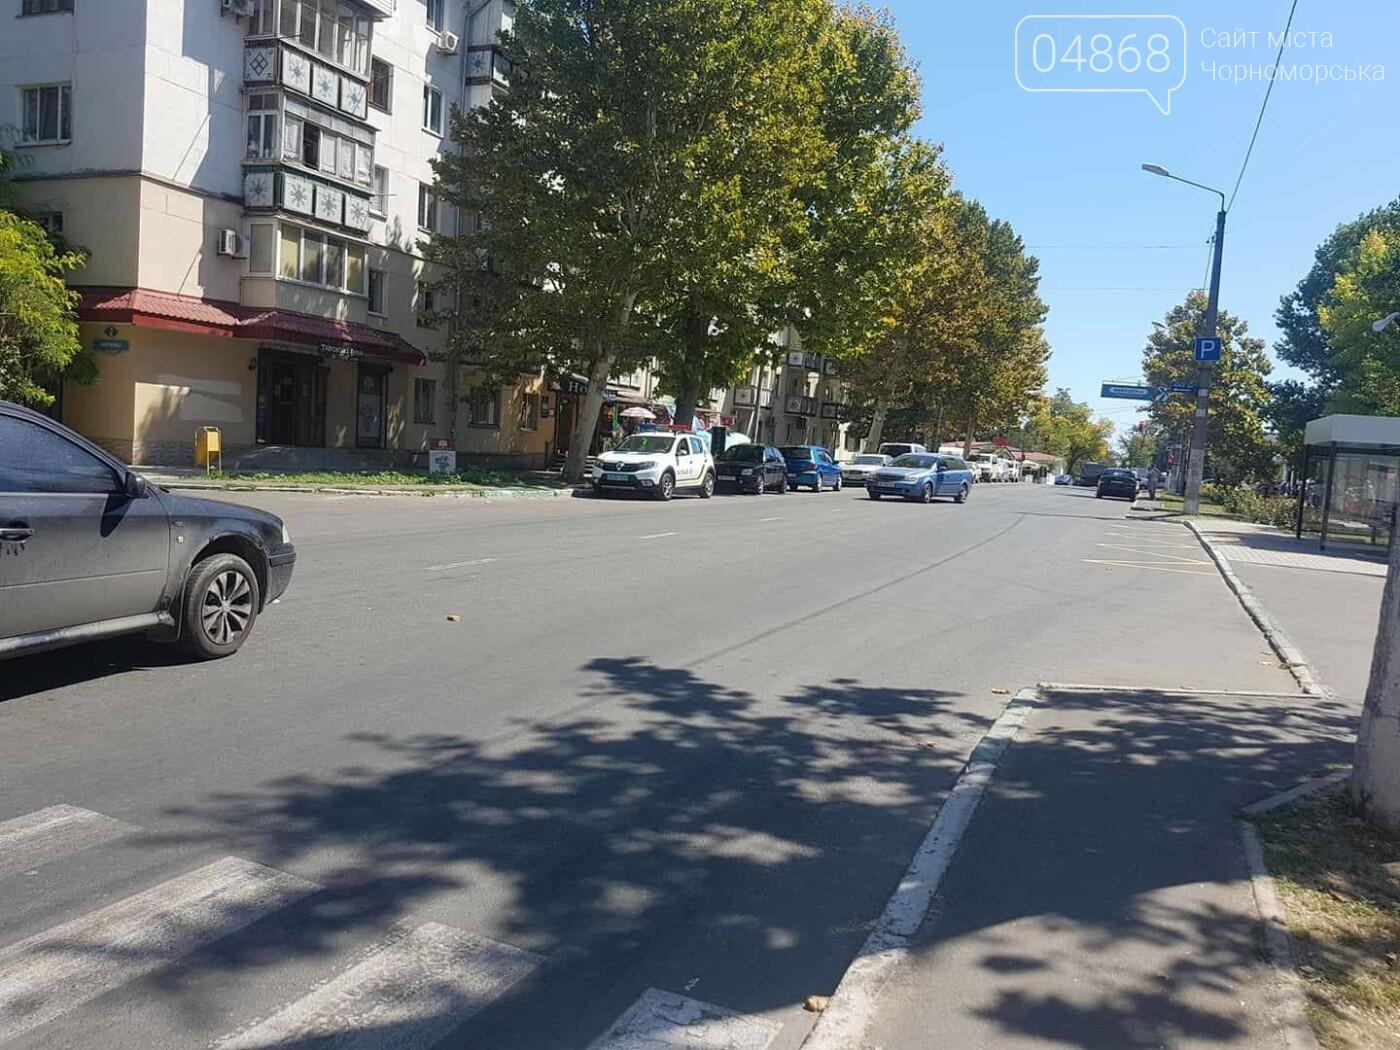 На пешеходном переходе в Черноморске сбили двух женщин, фото-5